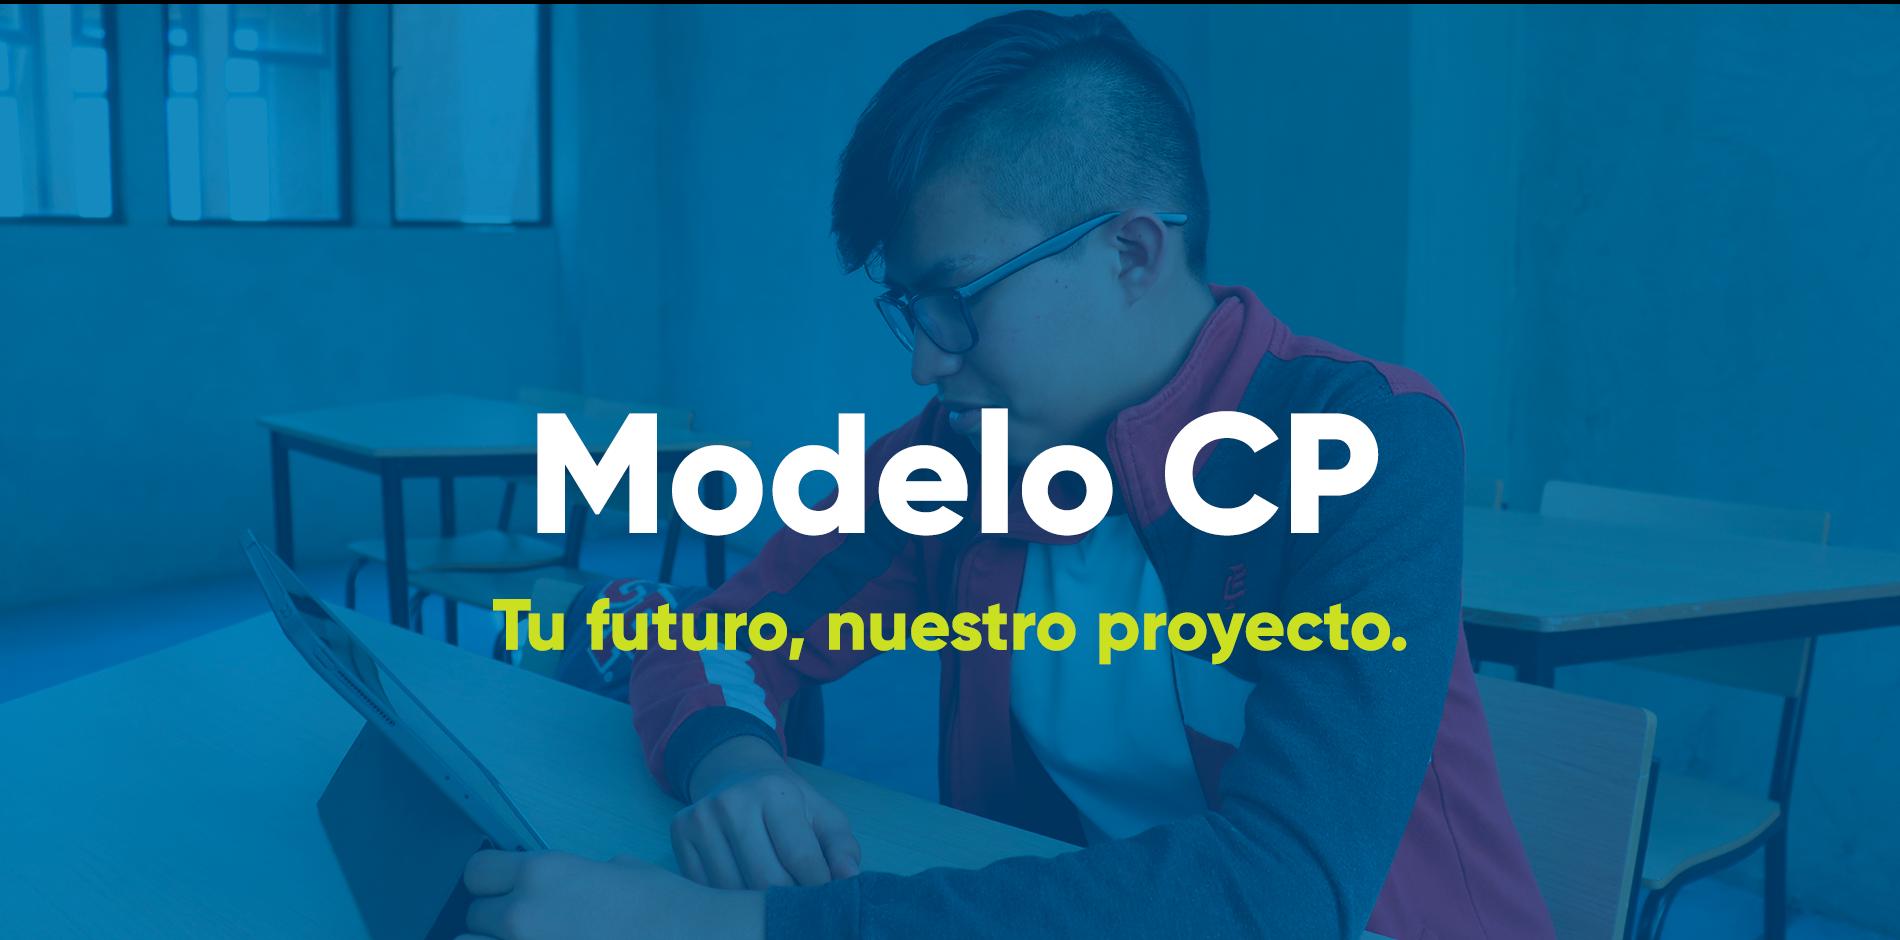 modelo_cp